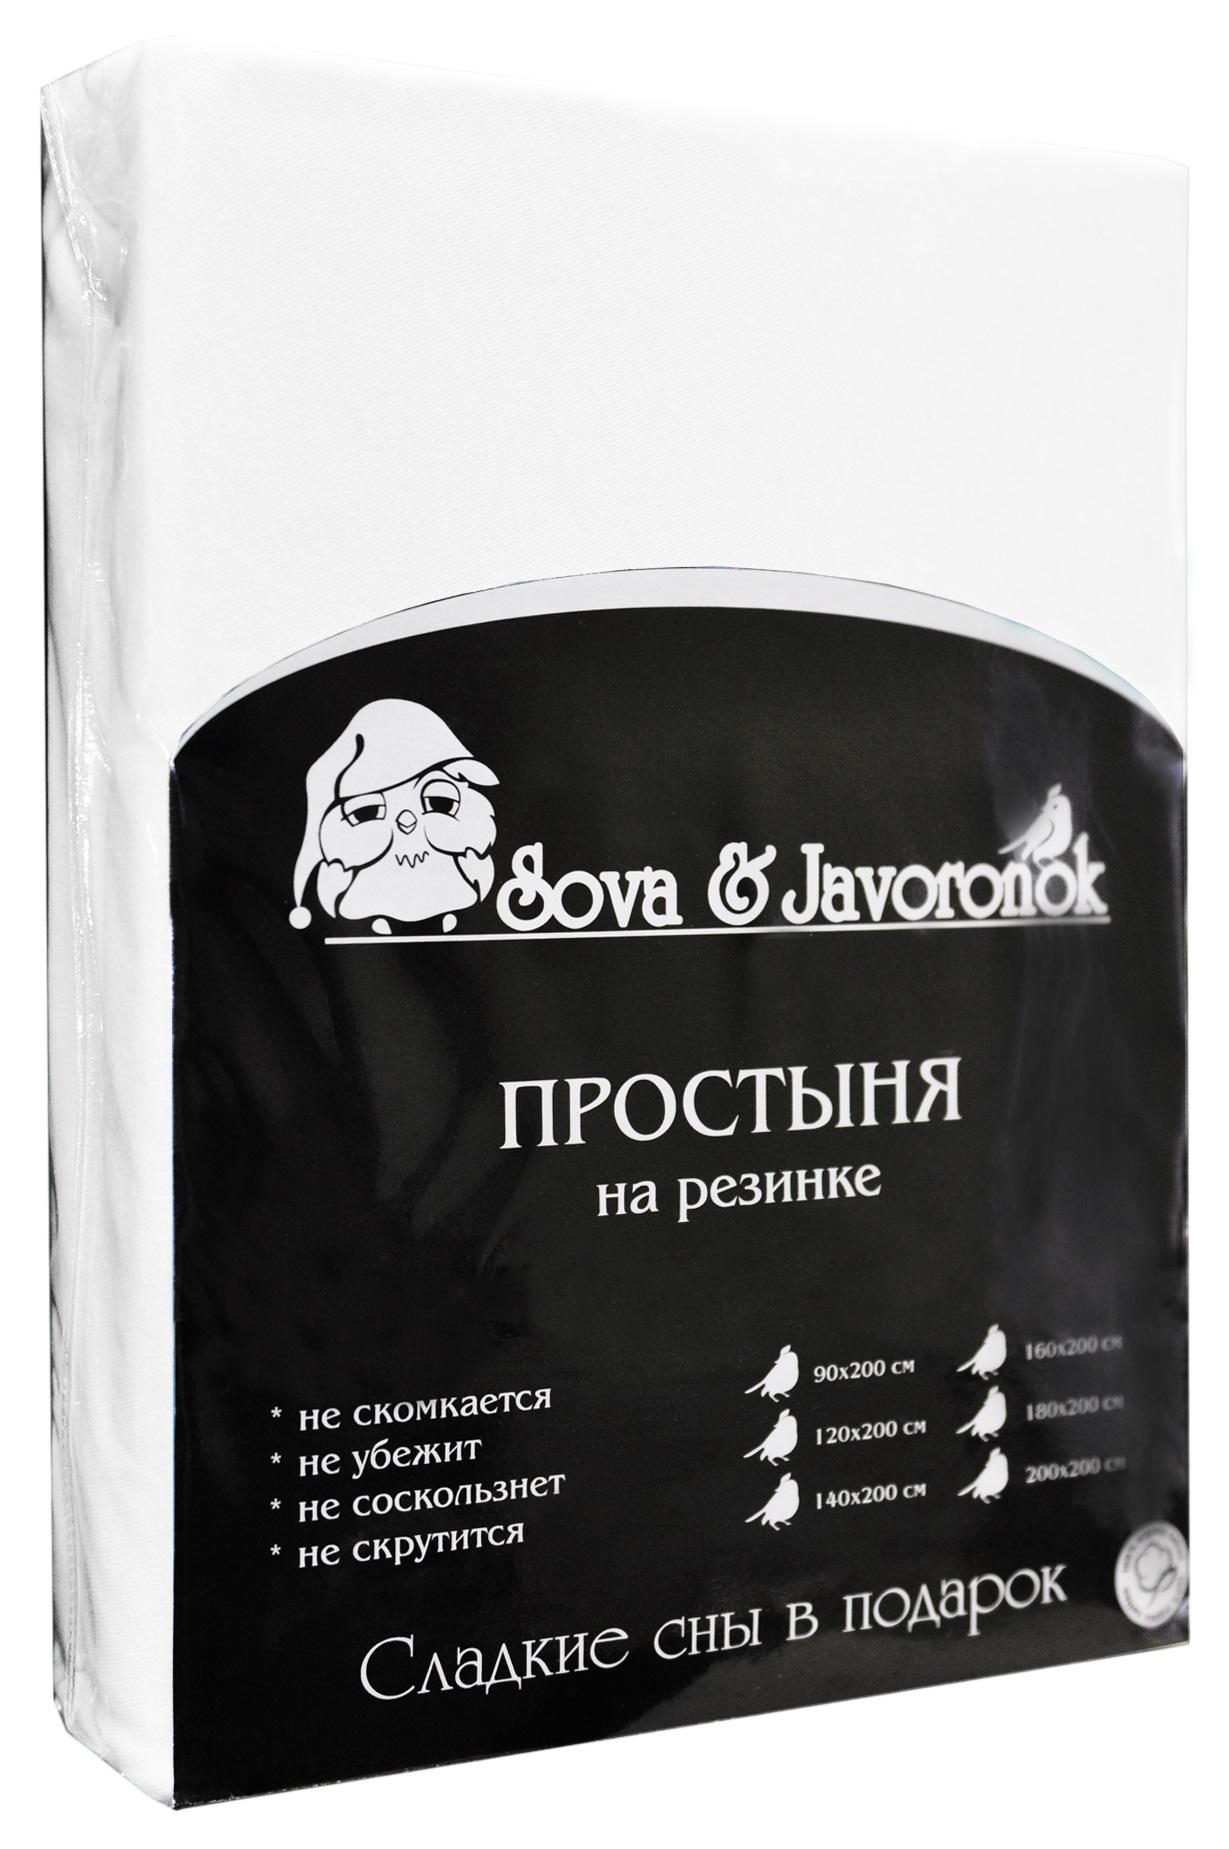 Простыня на резинке Sova & Javoronok, цвет: белый, 90 х 200 см114911407Простыня на резинке Sova & Javoronok, изготовленная из трикотажной ткани (100% хлопок), будет превосходно смотреться с любыми комплектами белья. Хлопчатобумажный трикотаж по праву считается одним из самых качественных, прочных и при этом приятных на ощупь. Его гигиеничность позволяет использовать простыню и в детских комнатах, к тому же 100%-ый хлопок в составе ткани не вызовет аллергии. У трикотажного полотна очень интересная структура, немного рыхлая за счет отсутствия плотного переплетения нитей и наличия особых петель, благодаря этому простыня Сова и Жаворонок отлично пропускает воздух и способствует его постоянной циркуляции. Поэтому ваша постель будет всегда оставаться свежей. Но главное и, пожалуй, самое известное свойство трикотажа - это его великолепная растяжимость, поэтому эта ткань и была выбрана для натяжной простыни на резинке.Простыня прошита резинкой по всему периметру, что обеспечивает более комфортный отдых, так как она прочно удерживается на матрасе и избавляет от необходимости часто поправлять простыню.